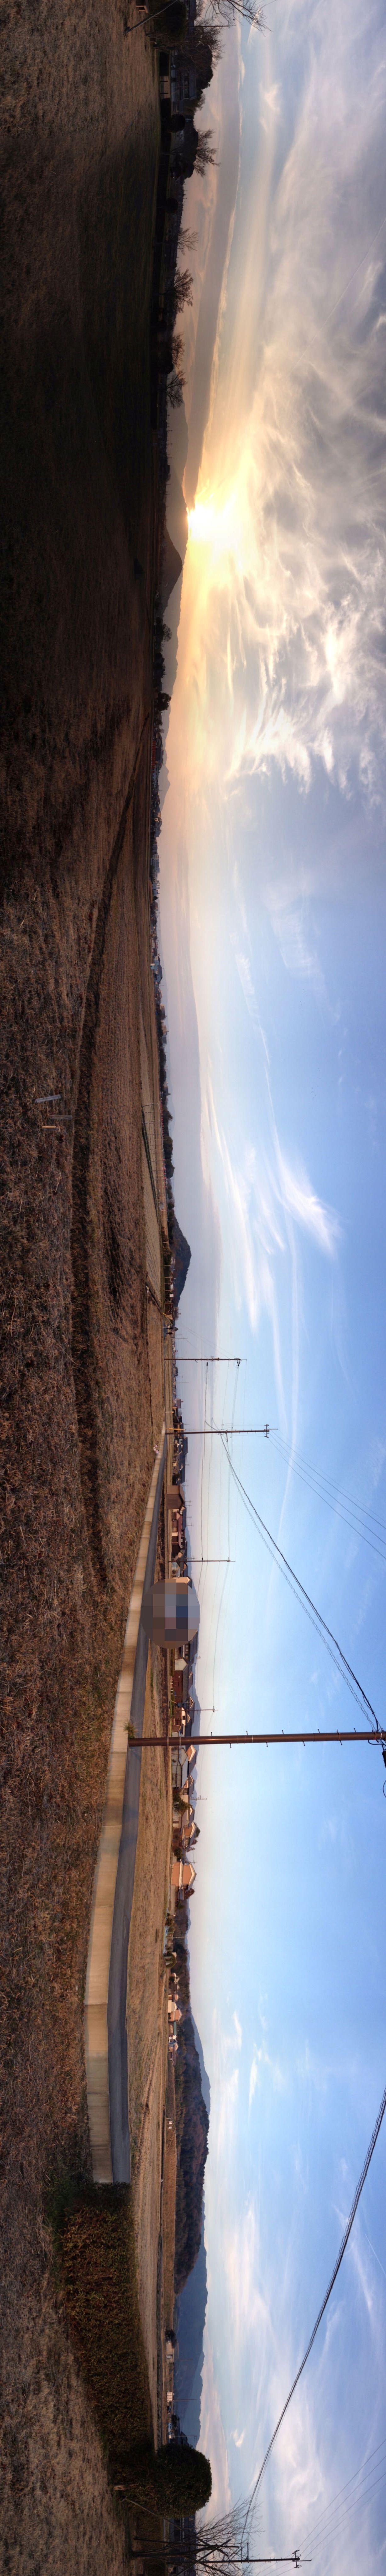 藤原宮跡から眺める大和三山(パノラマ写真)